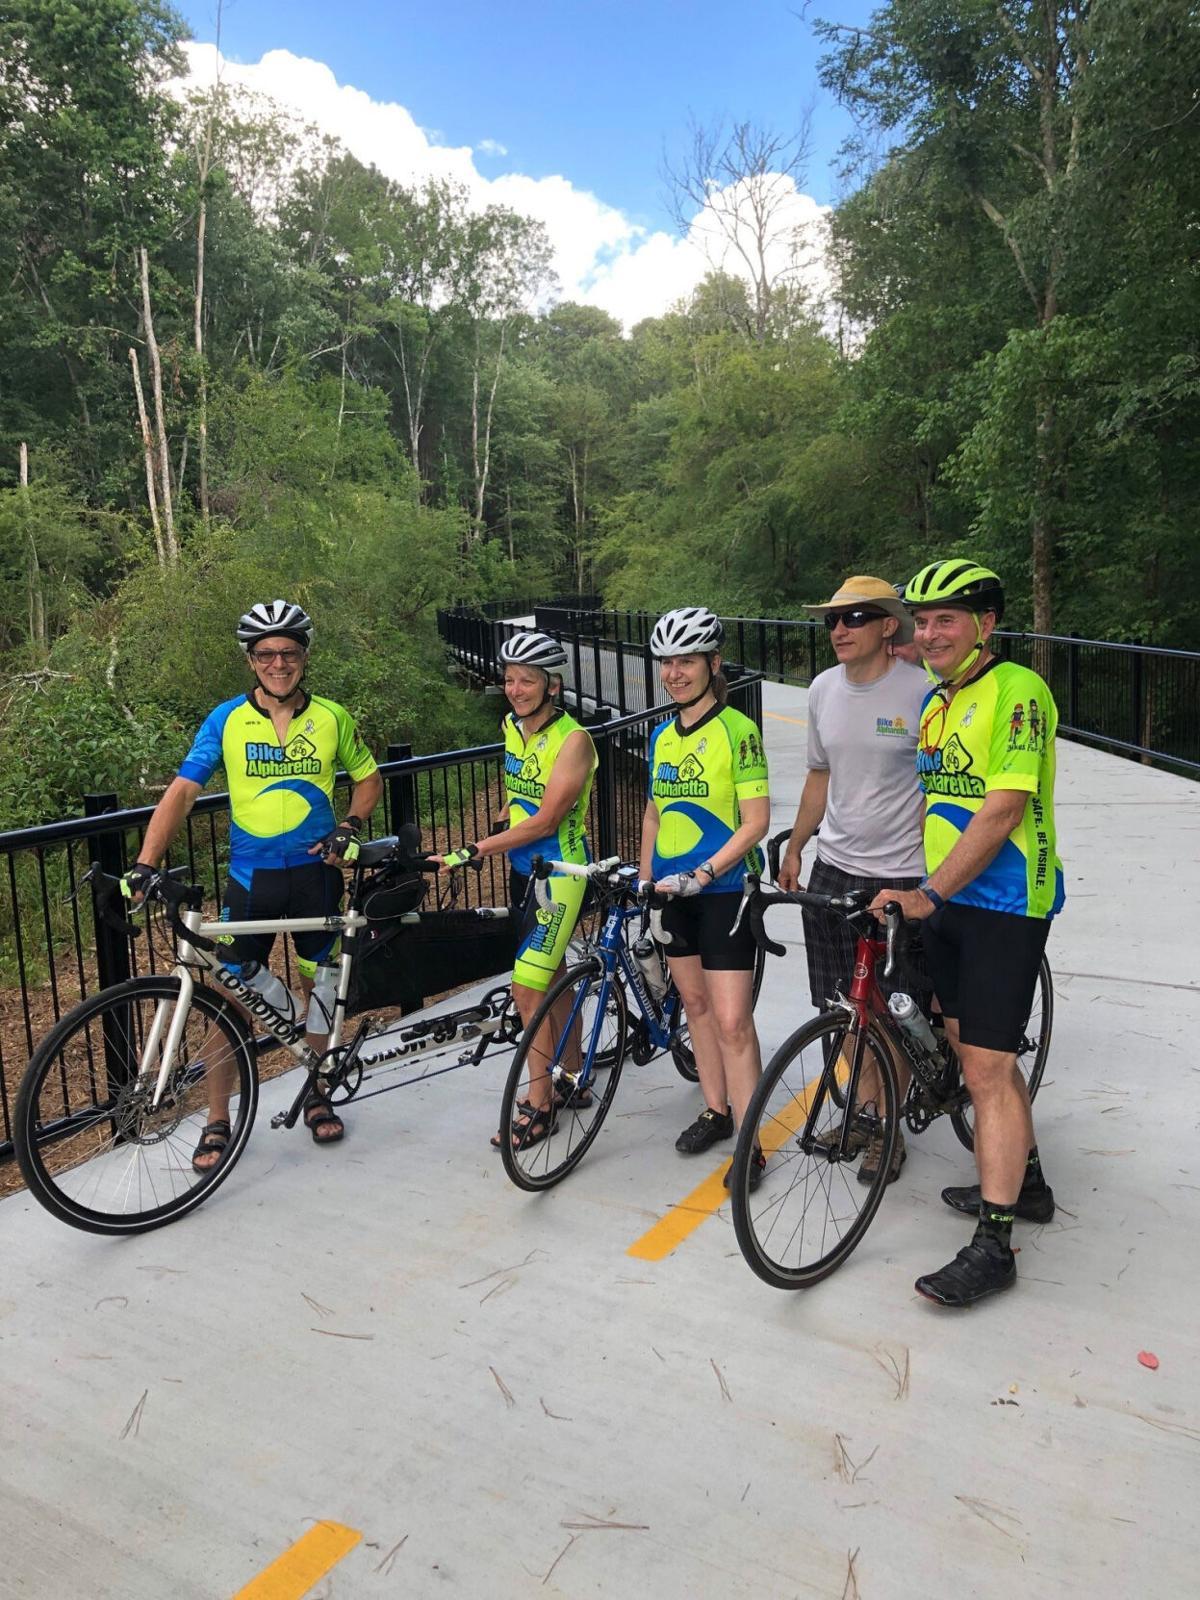 Big Creek Greenway Cyclists